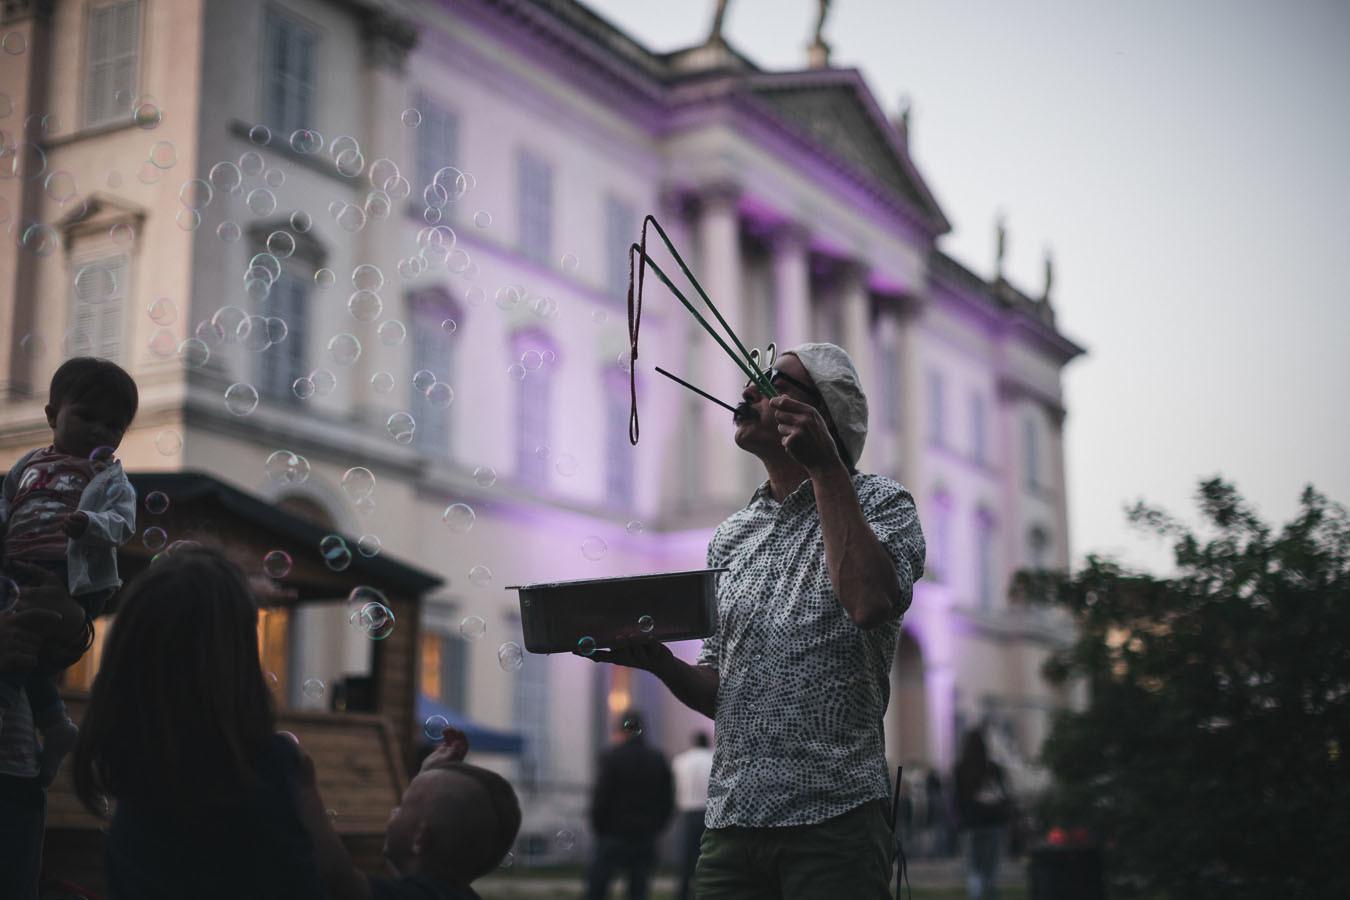 fotografo_eventi_concerti_festival_desio_tittoni_foto_marco_reggi_020